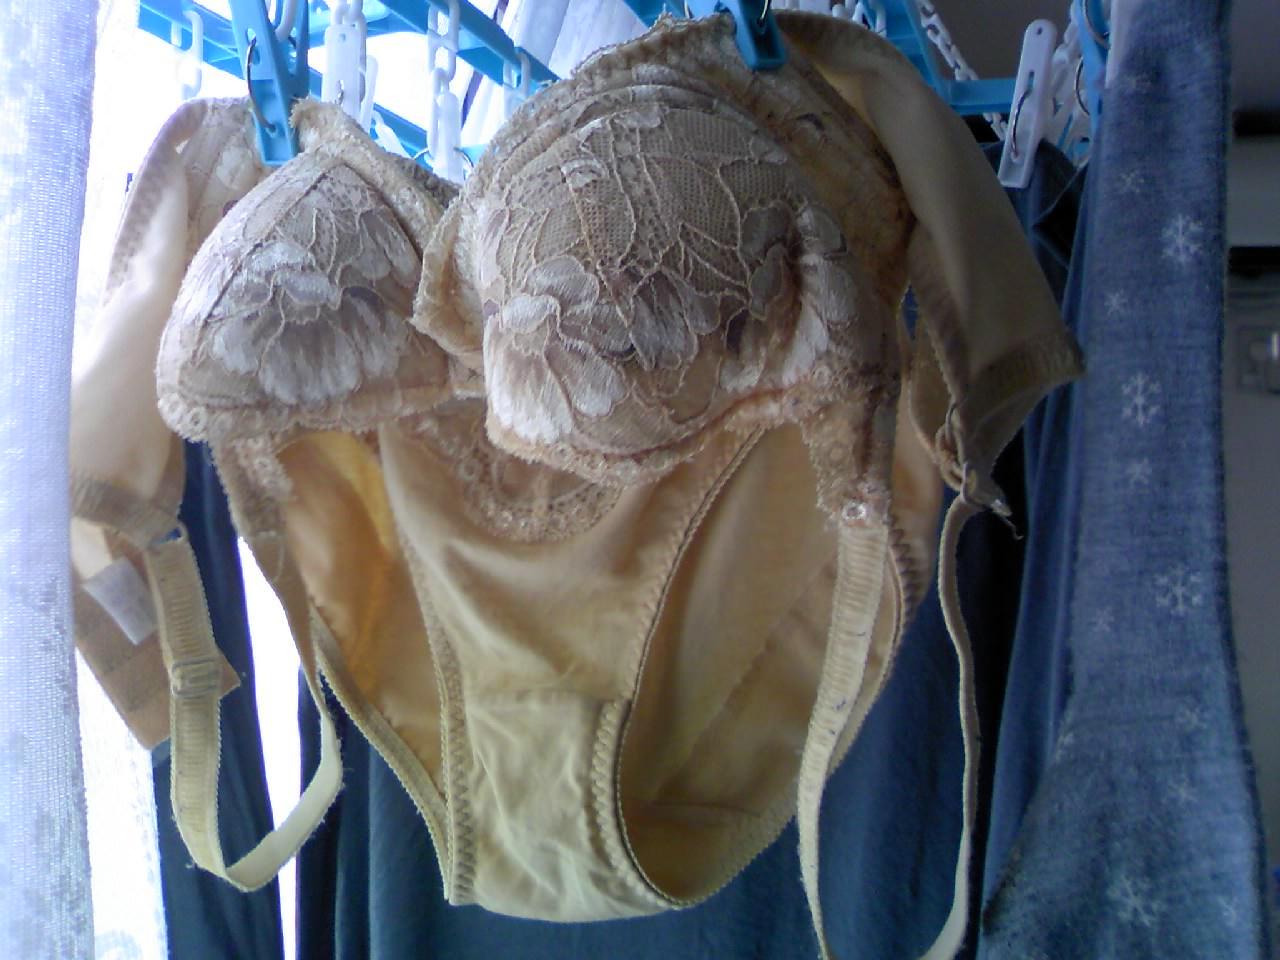 彼女や嫁がガチ使用してるパンティーやブラジャーの洗濯物の素人下着エロ画像 8